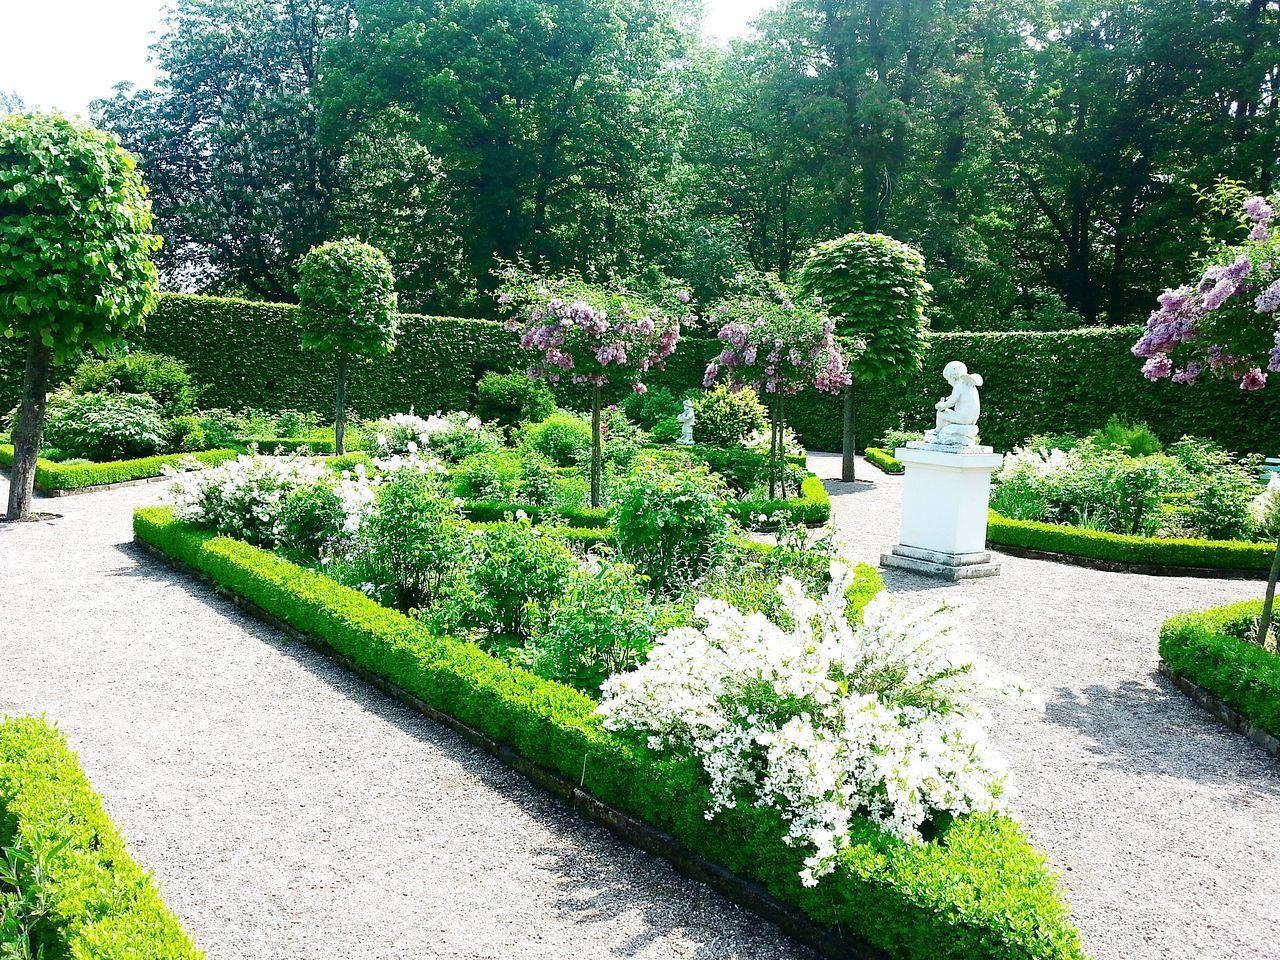 Check This Out Taking Photos Russischer Garten Russian Garden Schloss Belvedere Germany Weimar Flowers,Plants & Garden Sculpture Angel